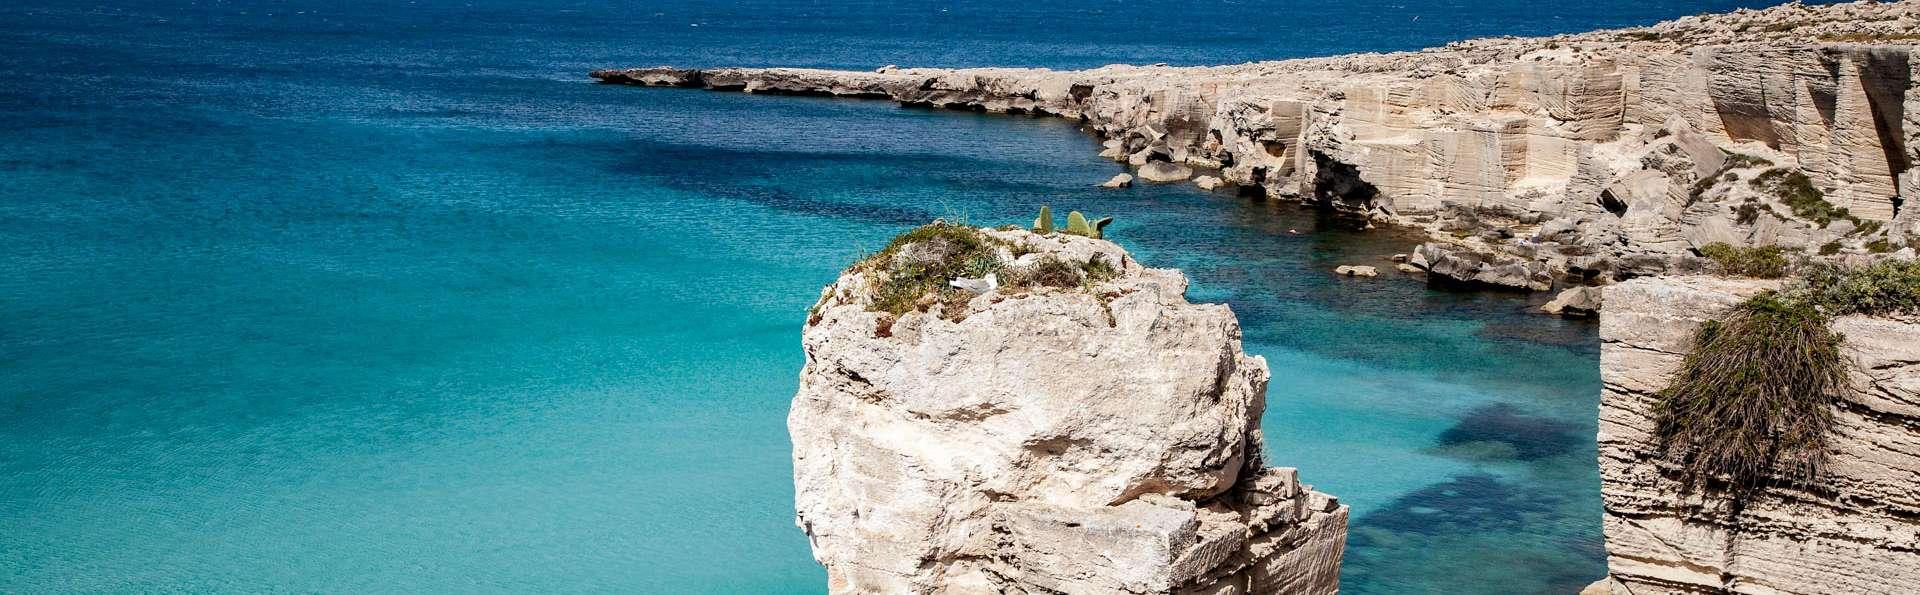 Descubre Sicilia alojándote cerca de la Reserva del Zingaro